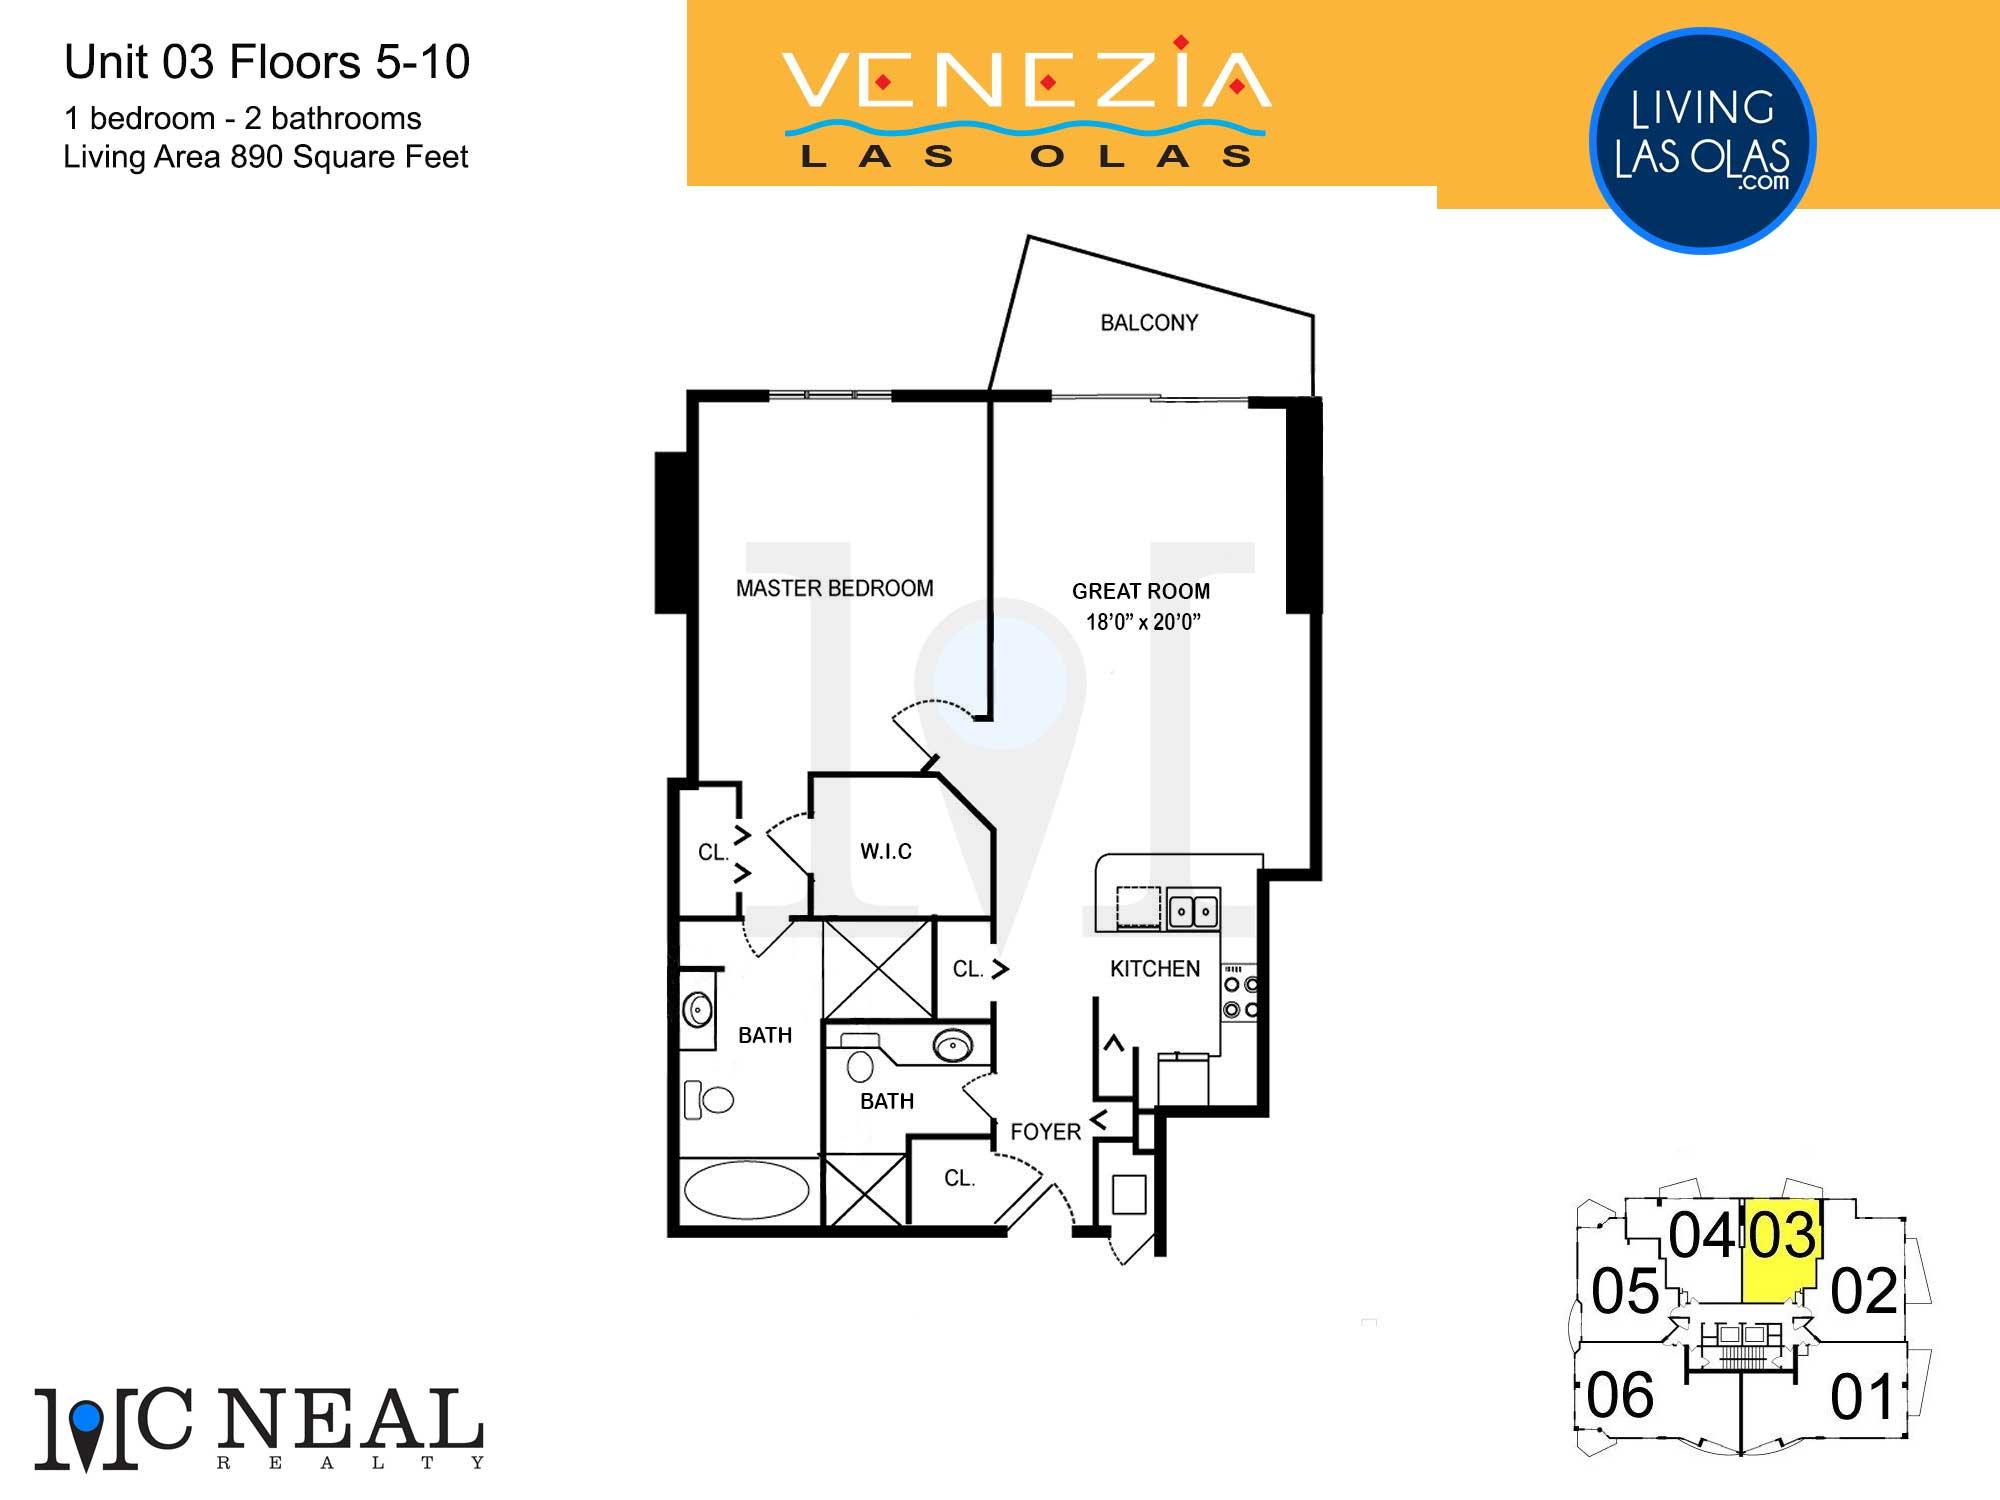 Venezia Las Olas Floor Plans 5-10 Unit 3